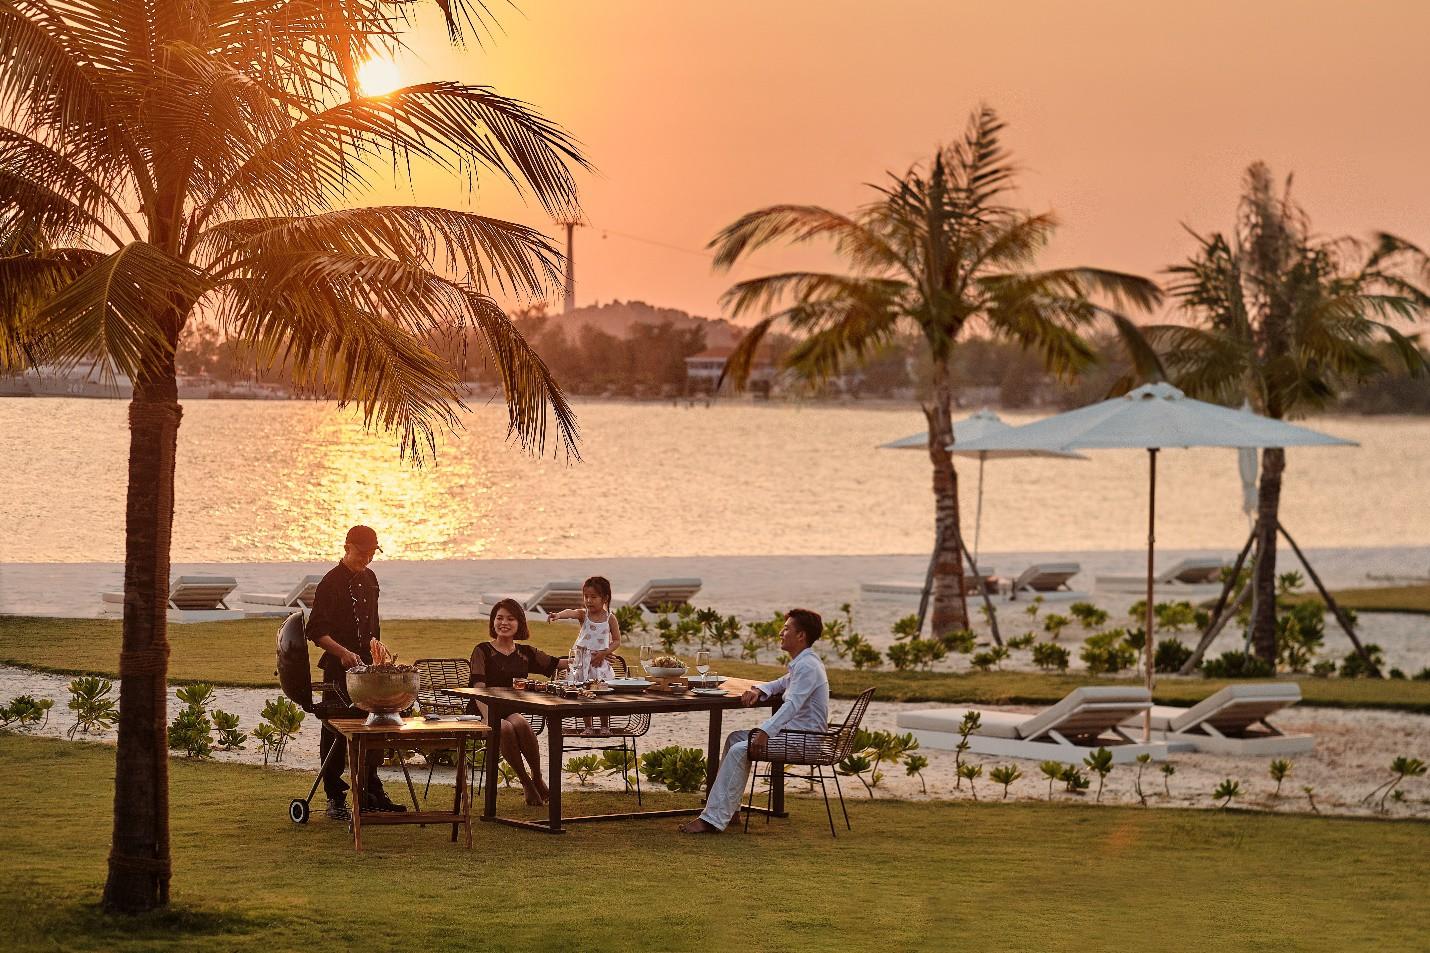 Mùa hè của gia đình tại Premier Village Phu Quoc Resort - Ảnh 2.